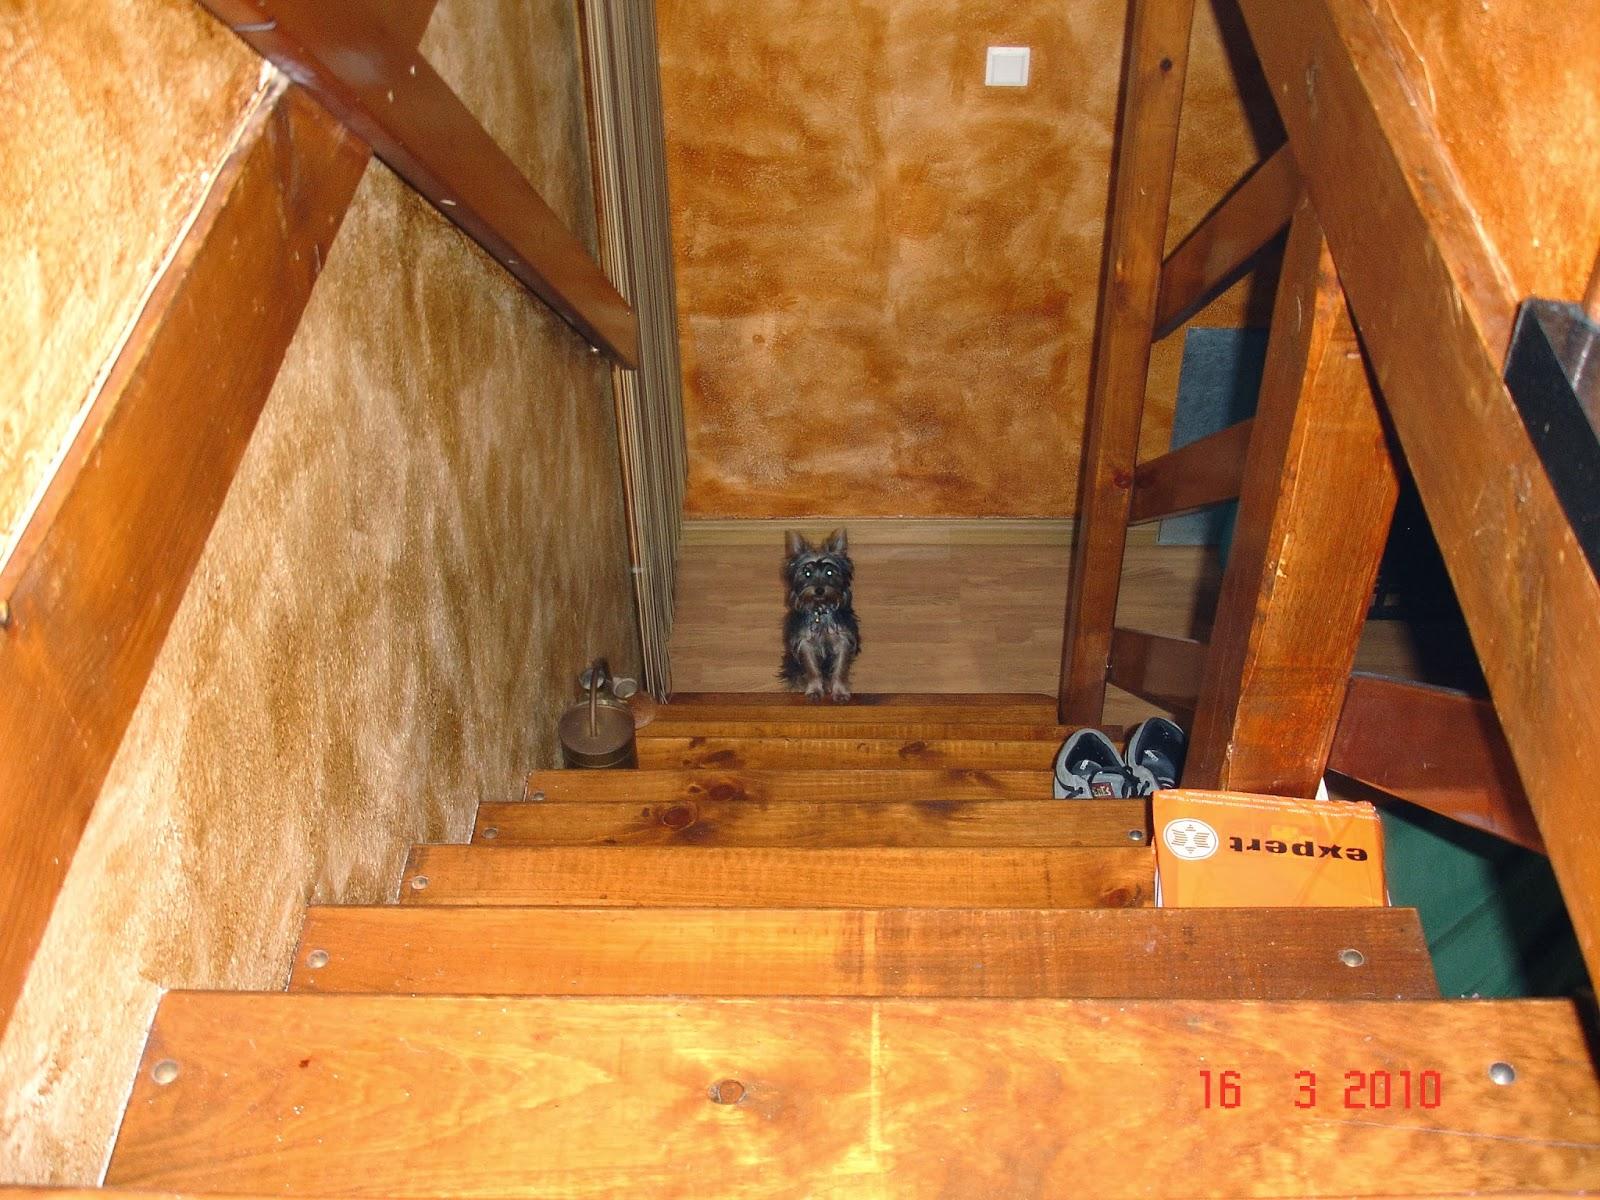 La casa de noa vendo casa en pirineo valle de benasque huesca escalera de subida a la primera planta vista desde arriba fandeluxe Images